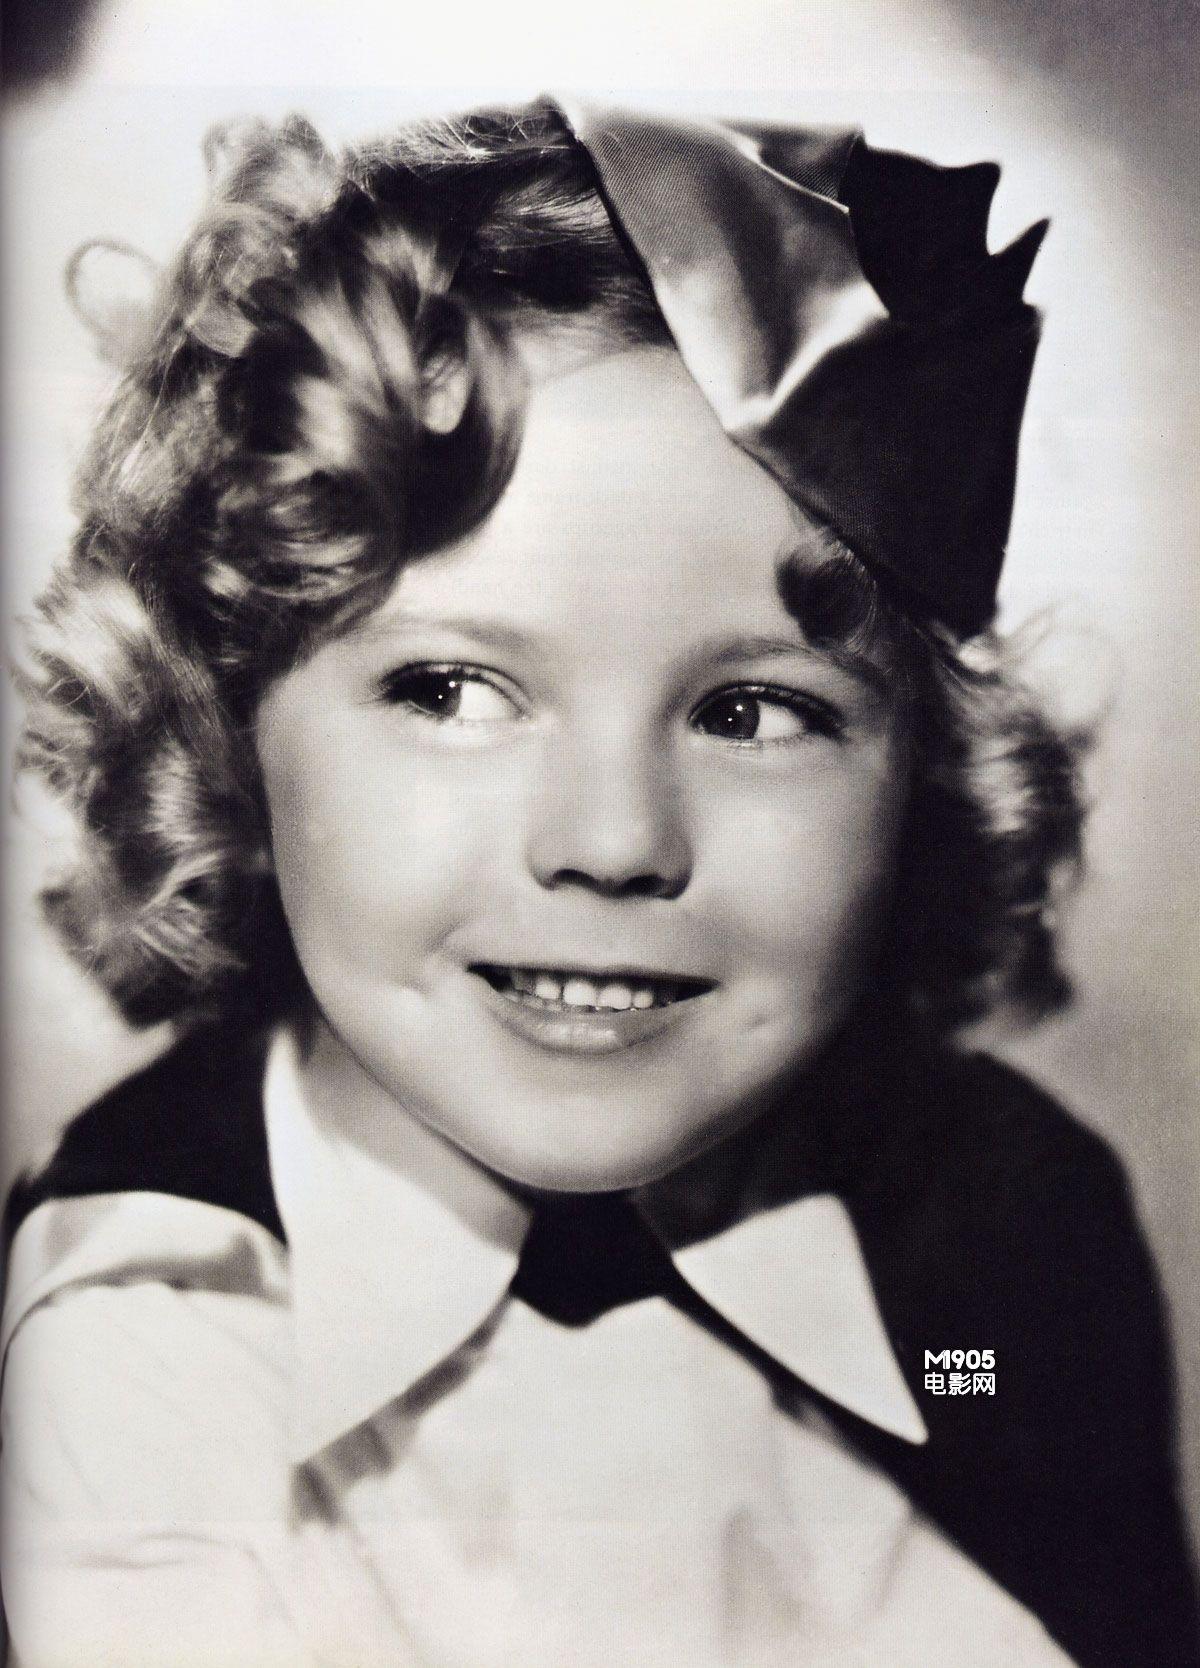 好莱坞最童真的笑容和那摇摇摆摆的踢踏舞,是所有人对秀兰&